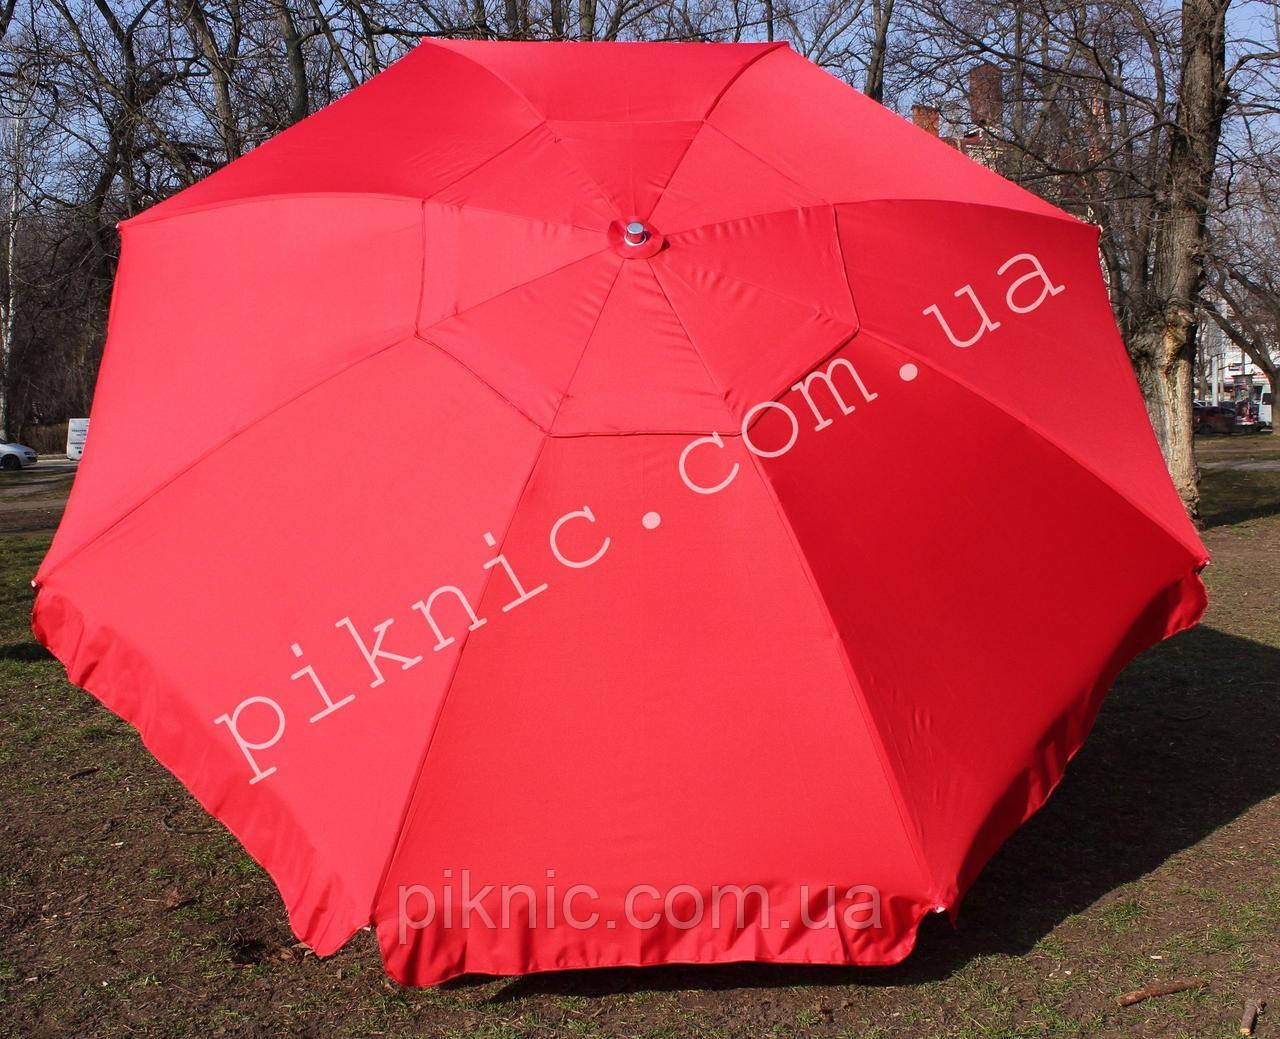 Большой торговый зонт 3м круглый с клапаном Усиленный зонт для торговли на улице Красный 351